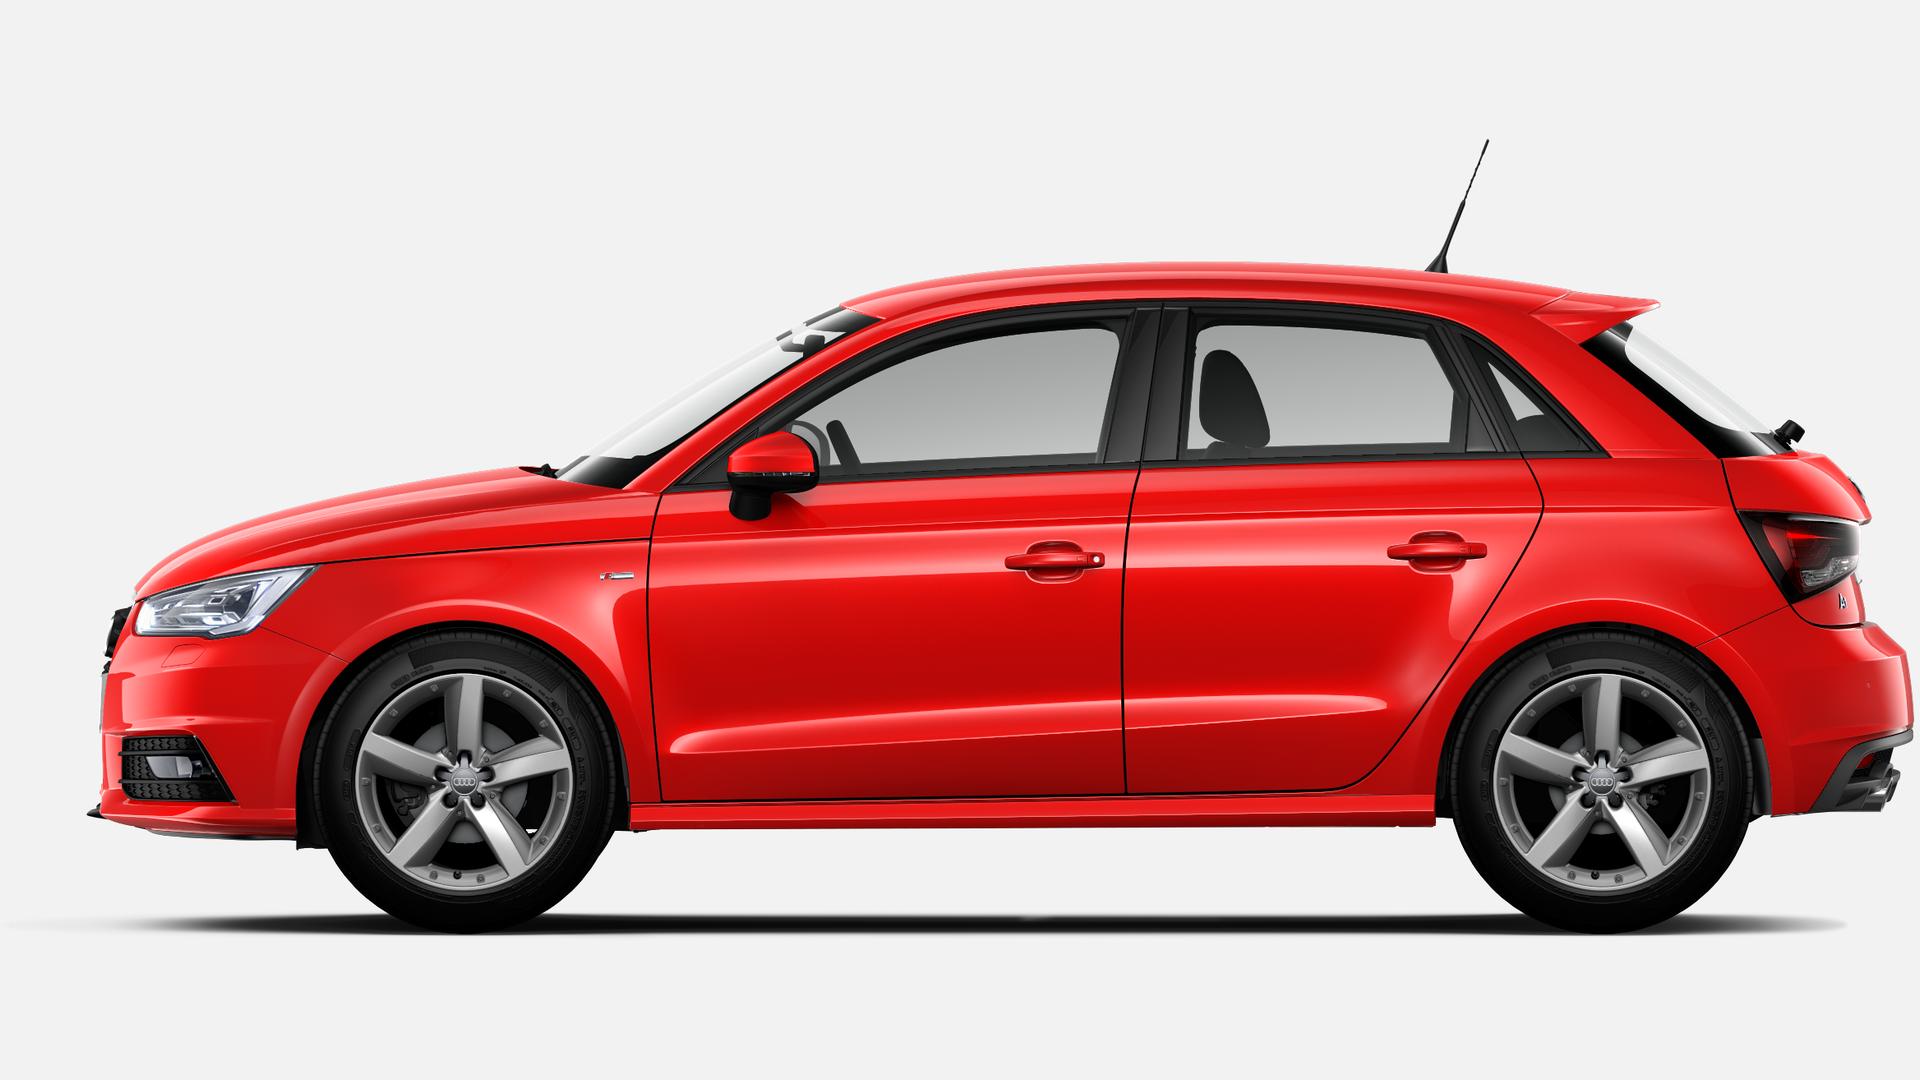 Foto 2 de Audi A1 Sportback 1.4 TDI Ultra Adrenalin 66 kW (90 CV)